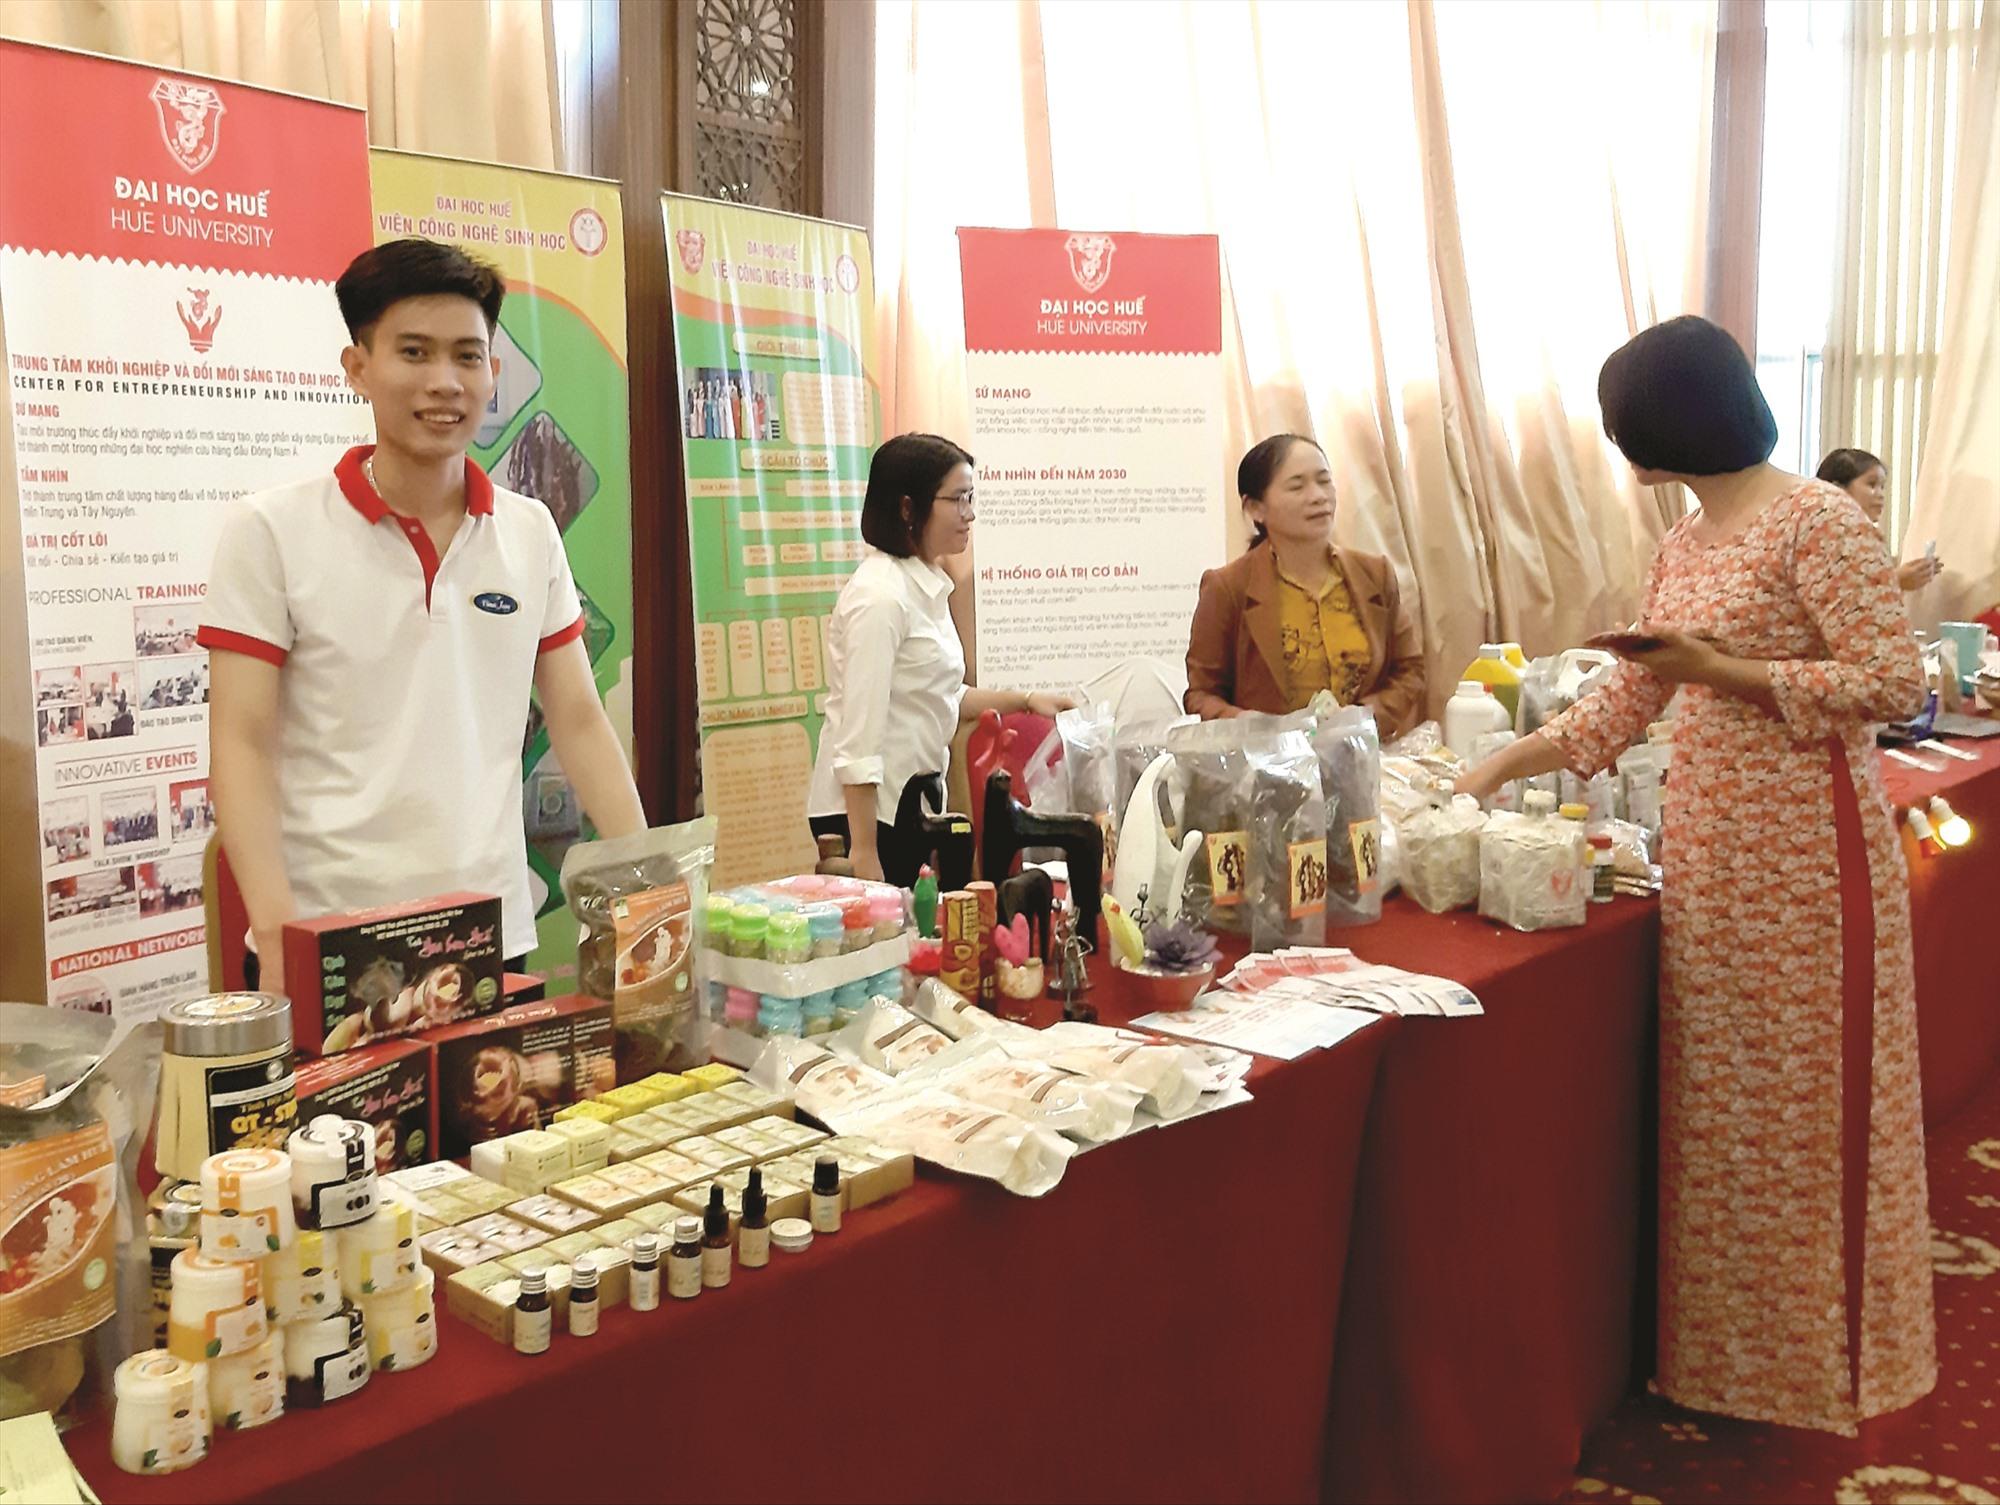 Thời gian qua, tỉnh tạo điều kiện thuận lợi cho các chủ thể tham gia trưng bày, giới thiệu những sản phẩm OCOP .